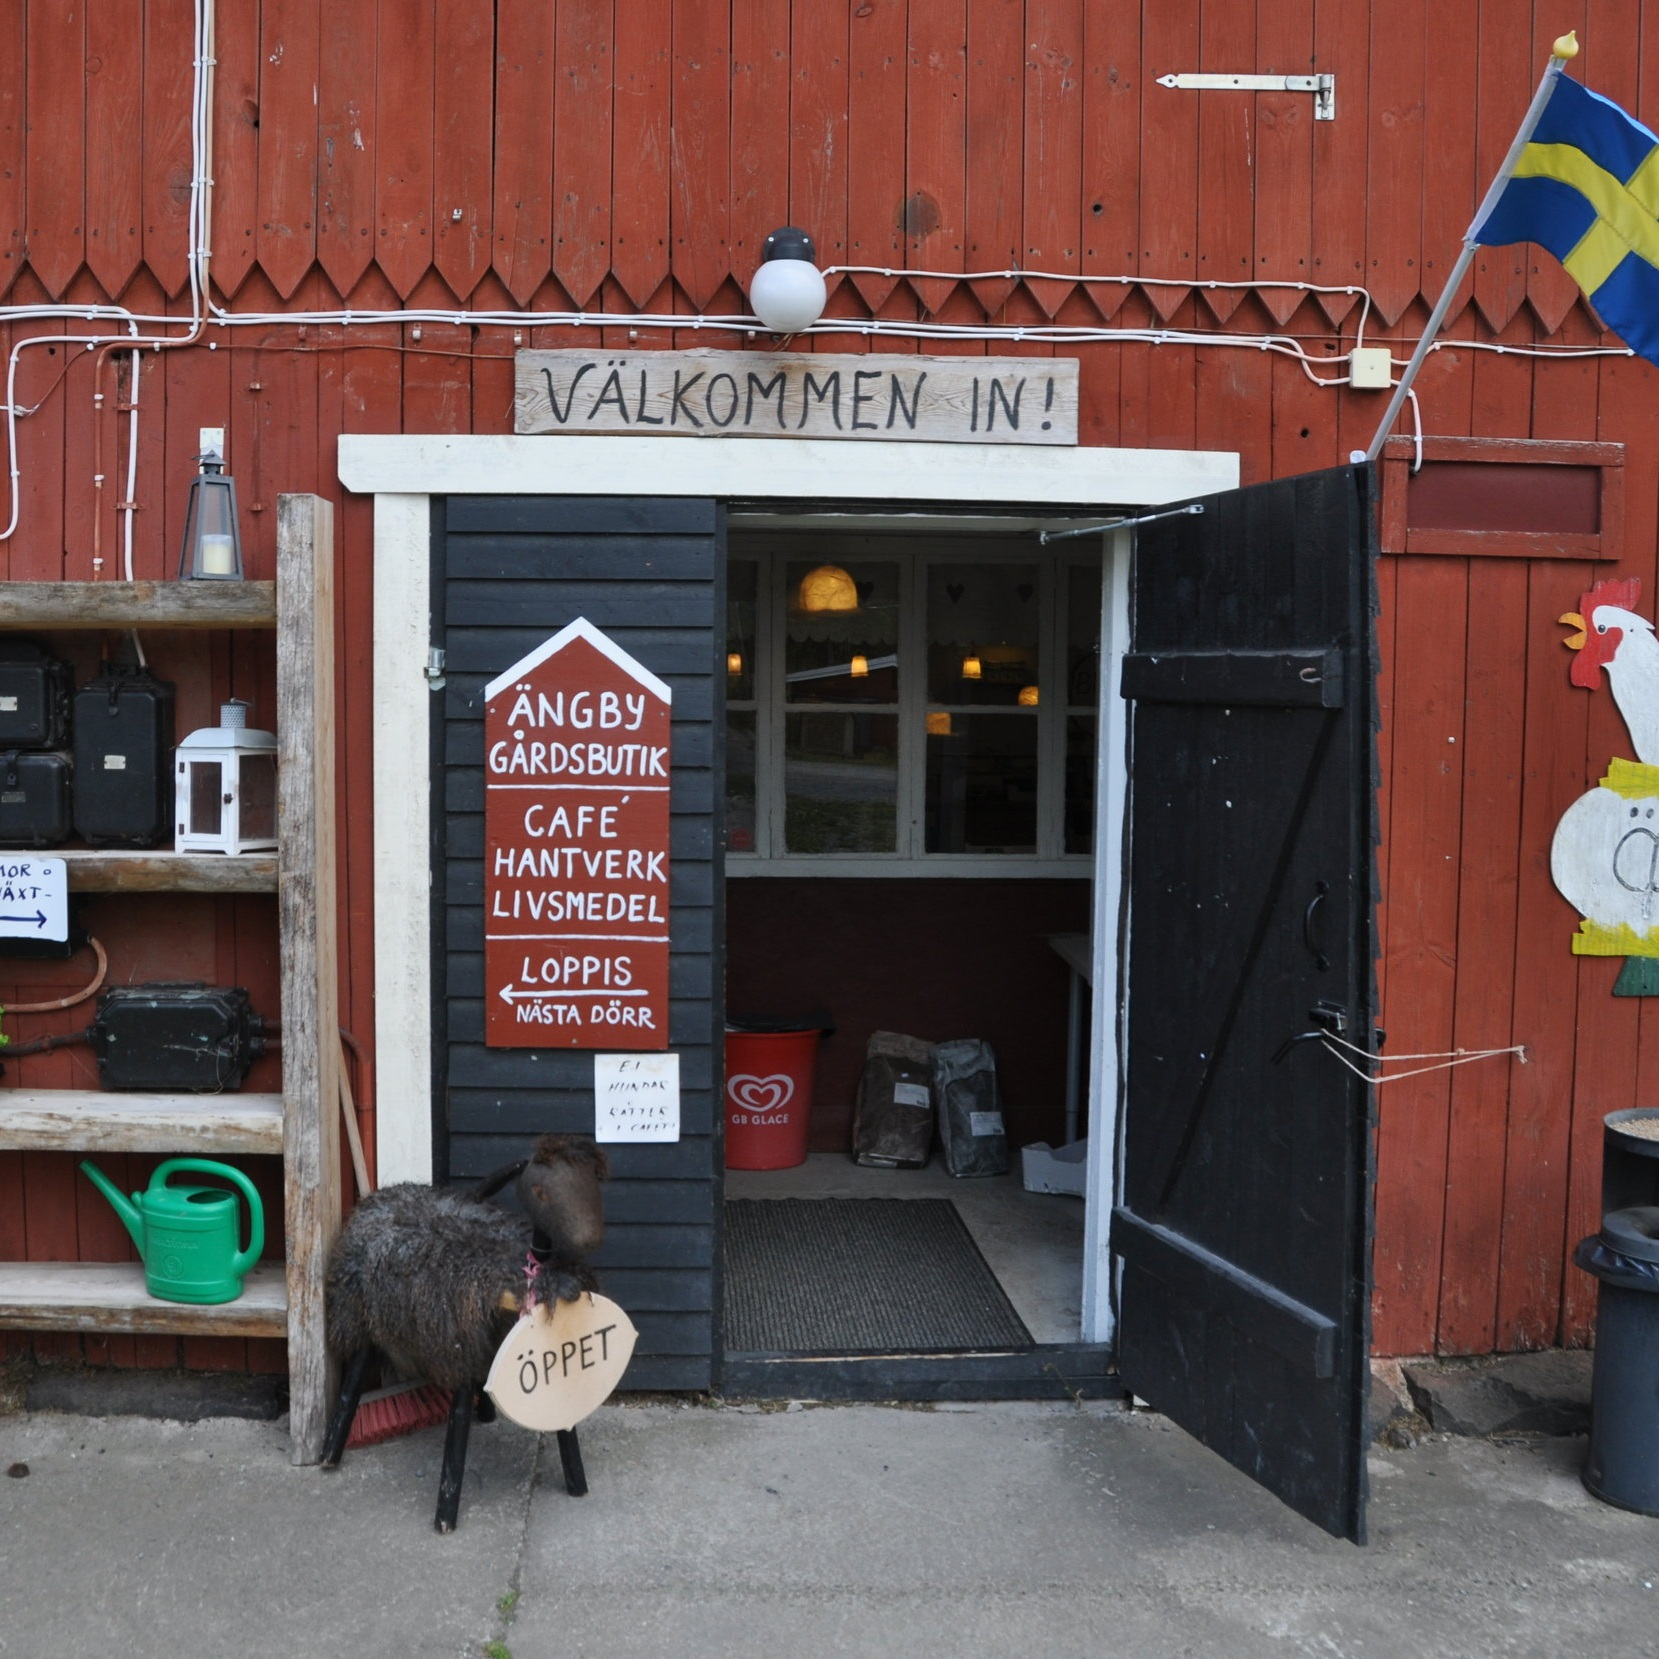 BARNVÄNligt - ÄNGBY GÅRDÄngby är en bondgård i Björkvik. Här kan du träffa lamm, ponnyer, kalvar, hönor, katter och hundar. I gårdsbutiken finns tovade produkter av fårull samt hela fårskinn. Gården har ett bageri och café under sommaren.Inskickat av: Visit Katrineholm